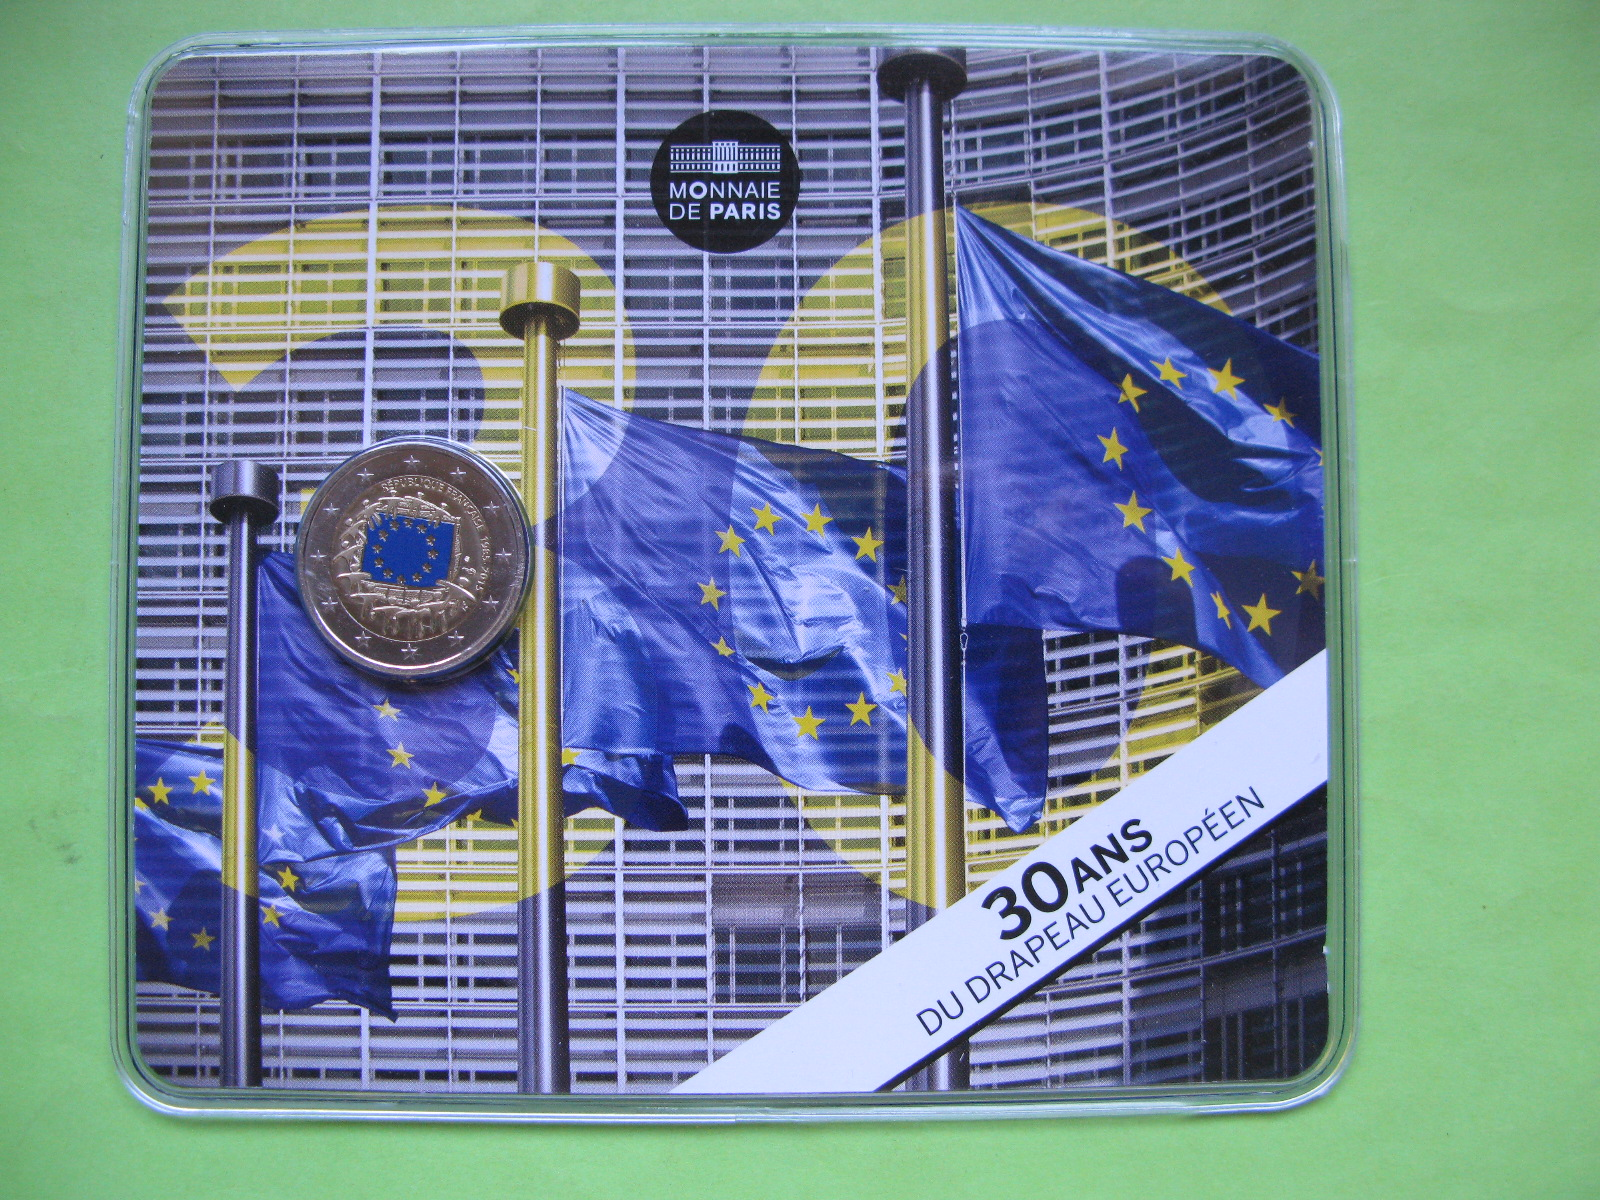 Франция 2 евро 2015 г. 30 лет флагу Евросоюза